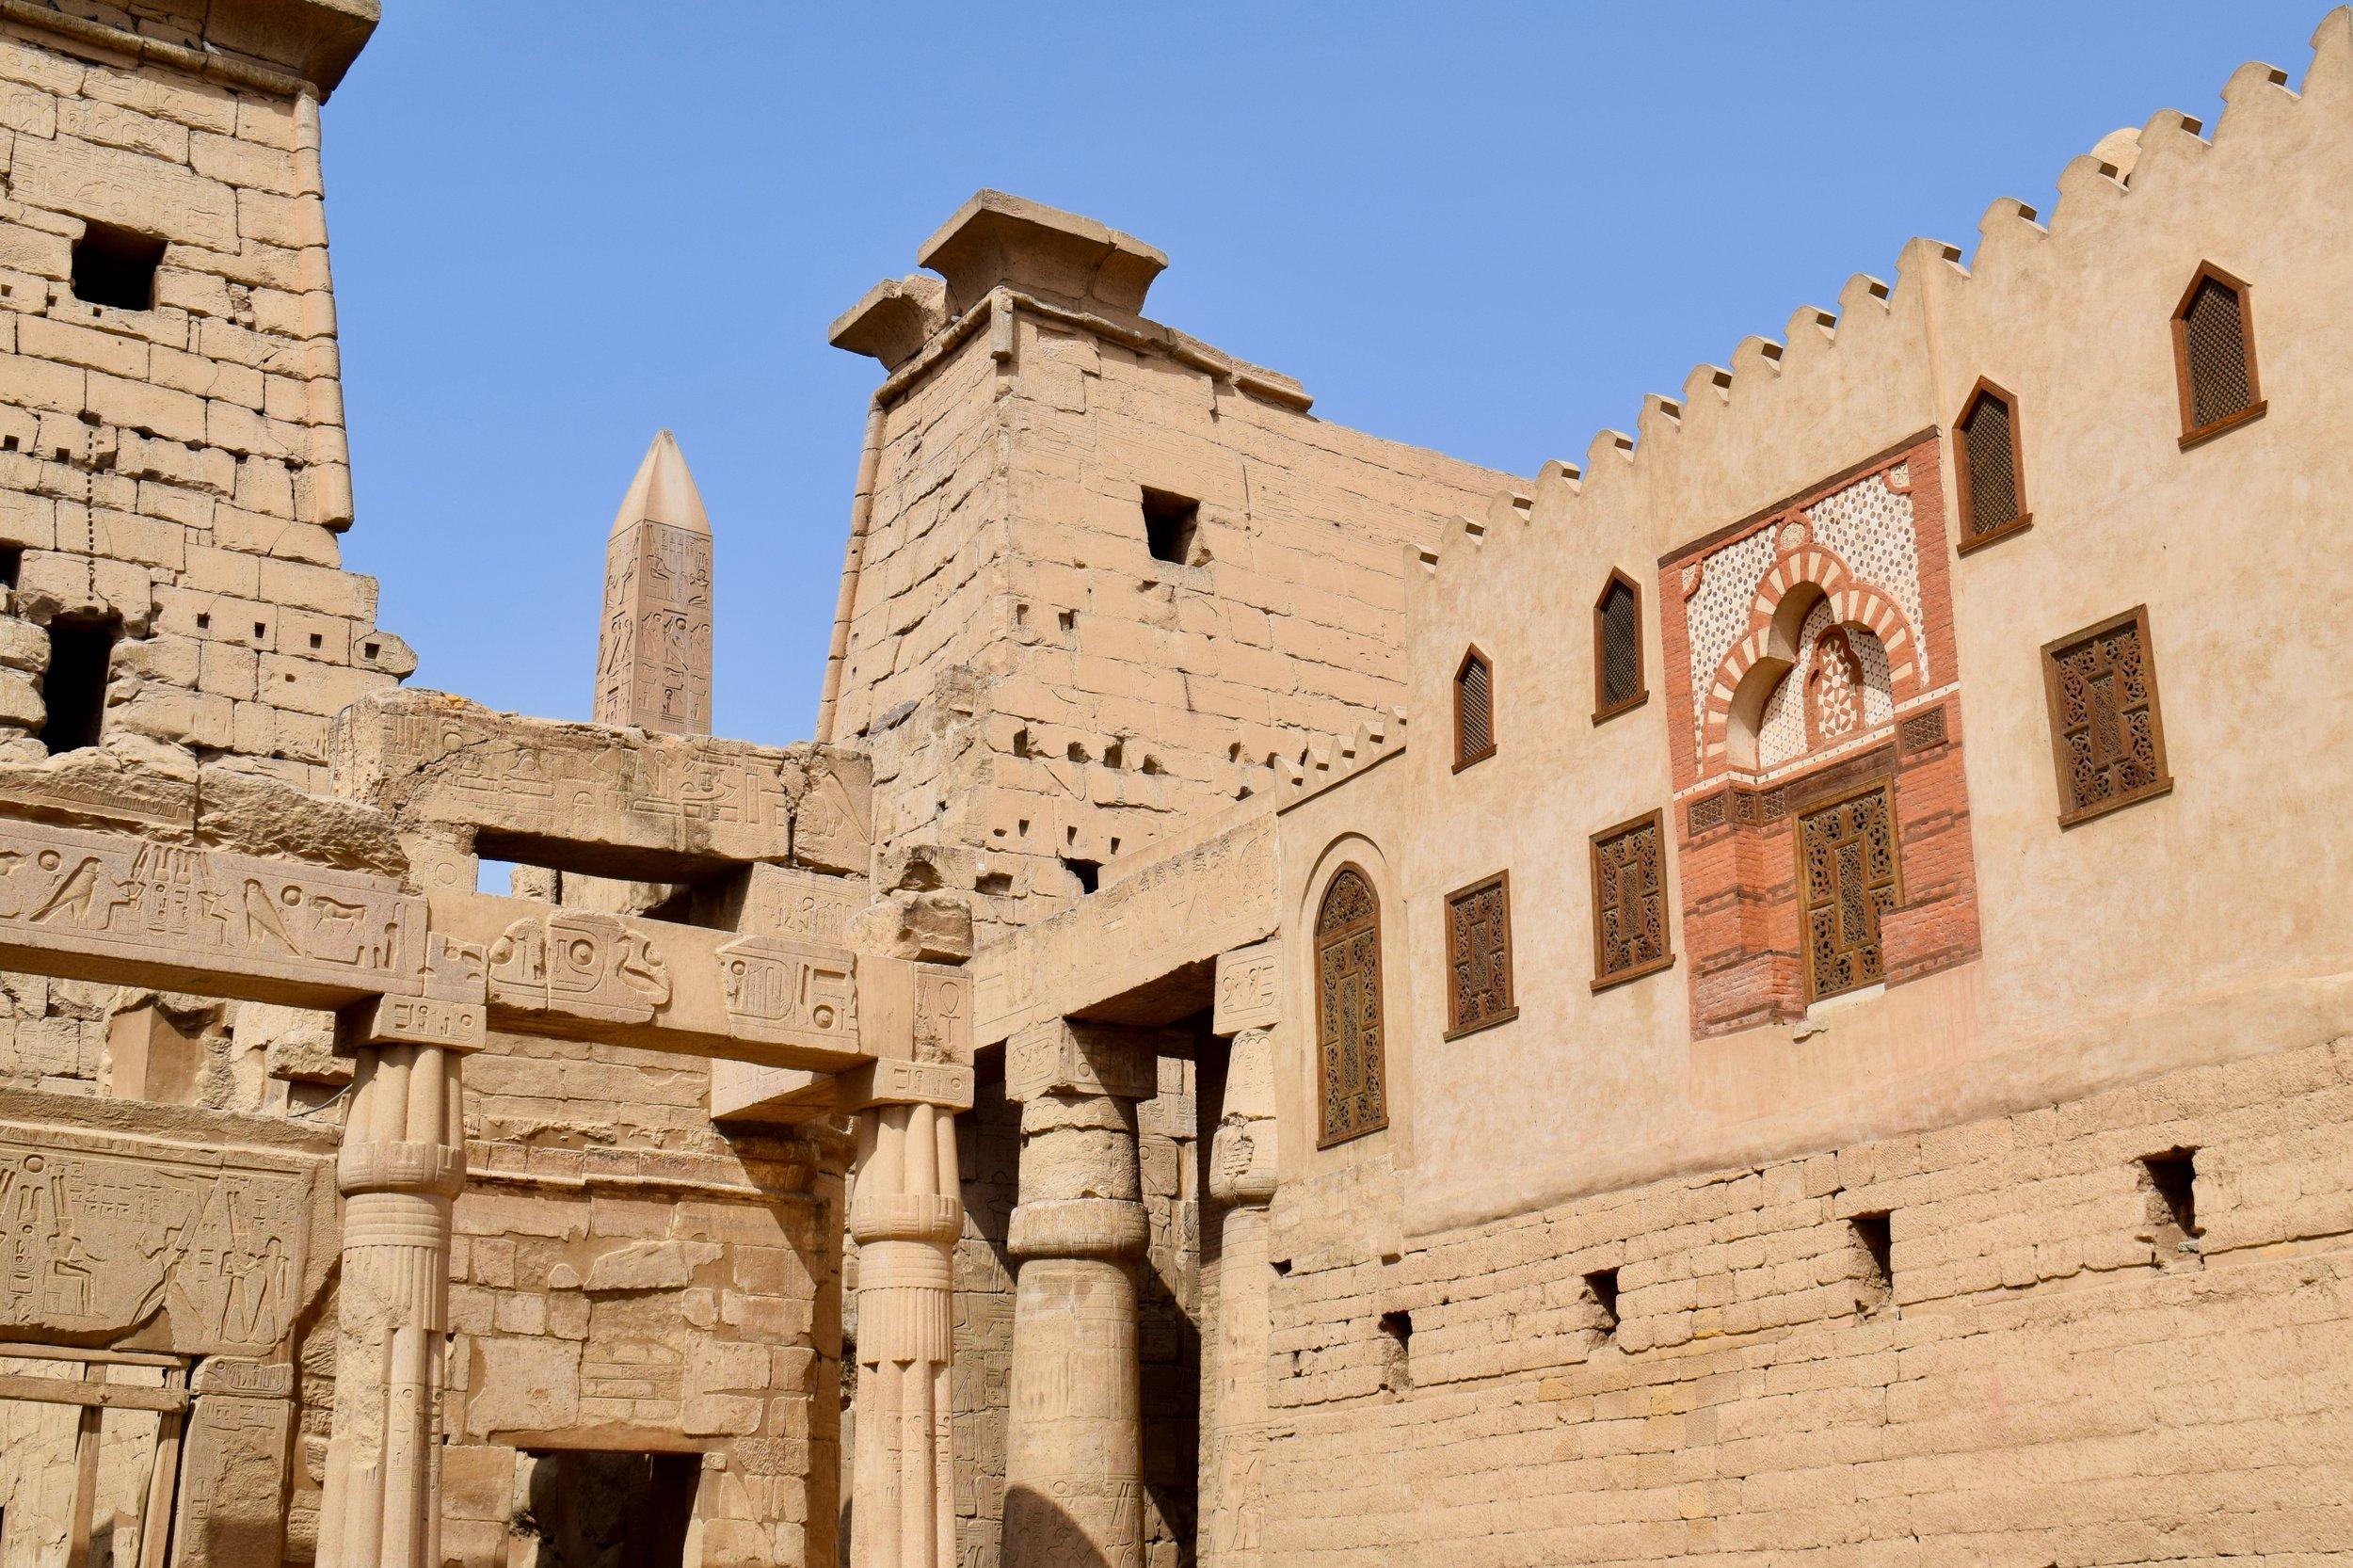 Mosque of Abu El-Haggag